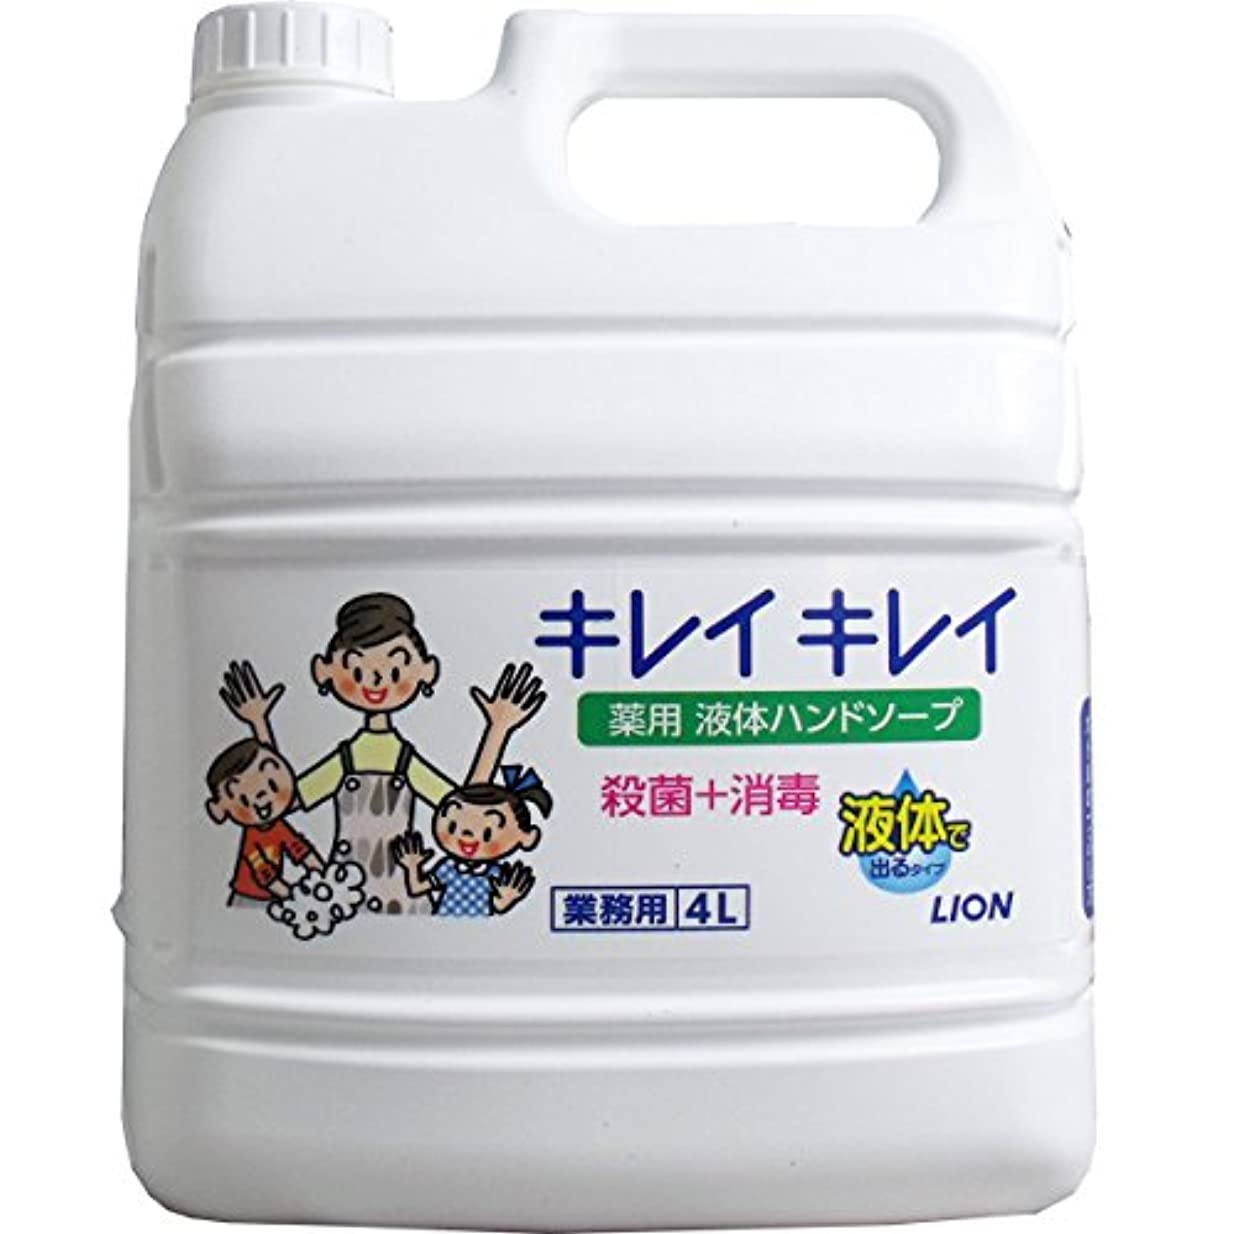 ライオン 業務用 キレイキレイ 薬用ハンドソープ 4LX3本